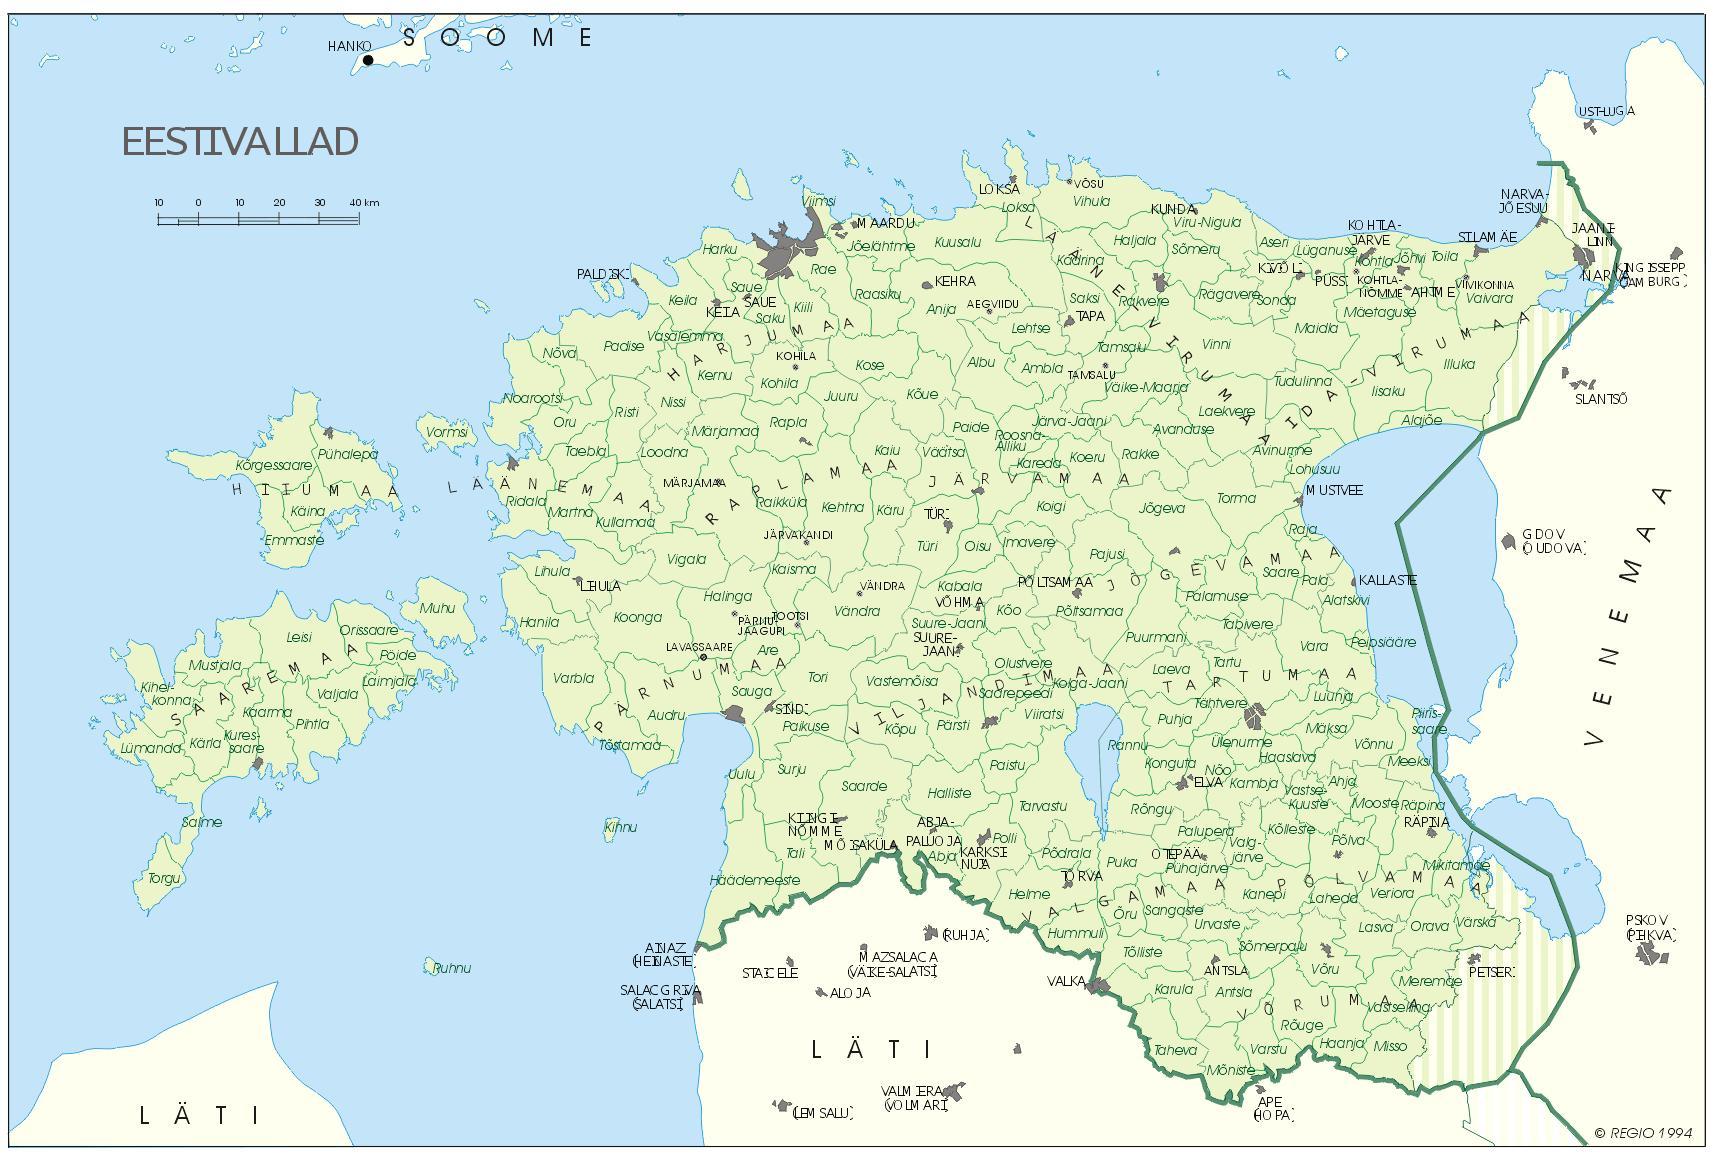 Топографическая карта Эстонии